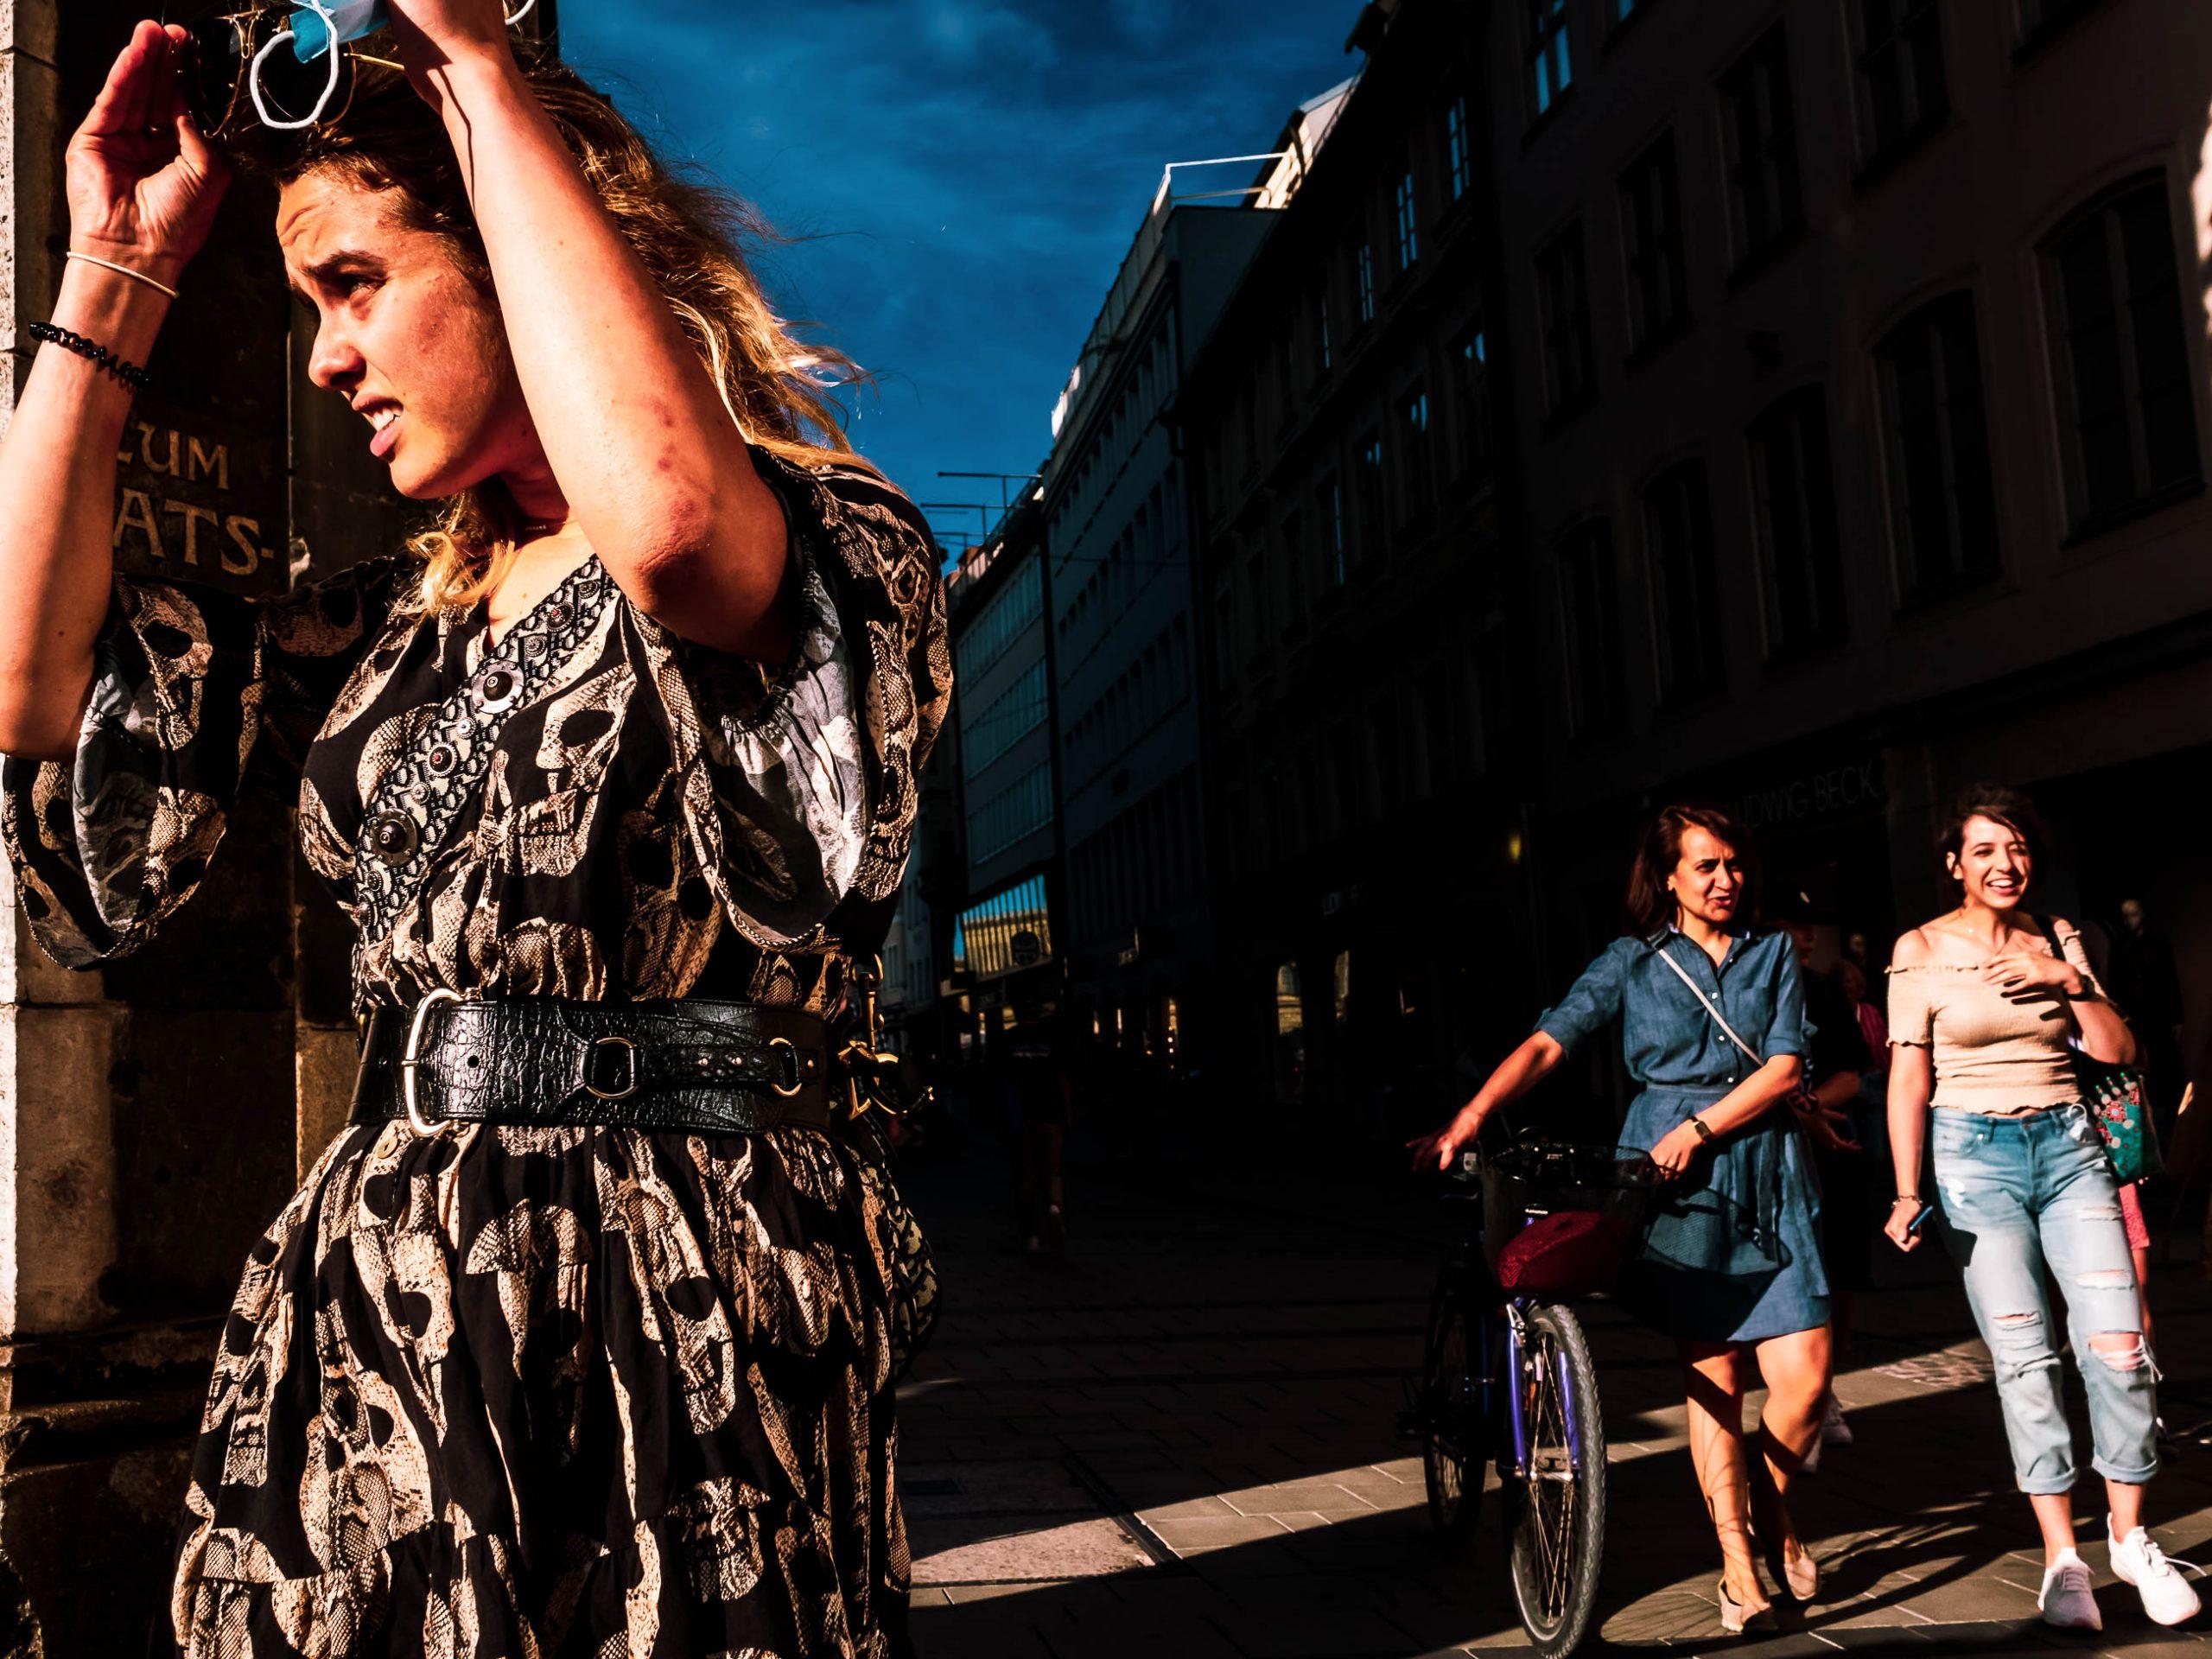 eine Frau biegt um die Ecke und zwei Passanten laufen gradaus weiter